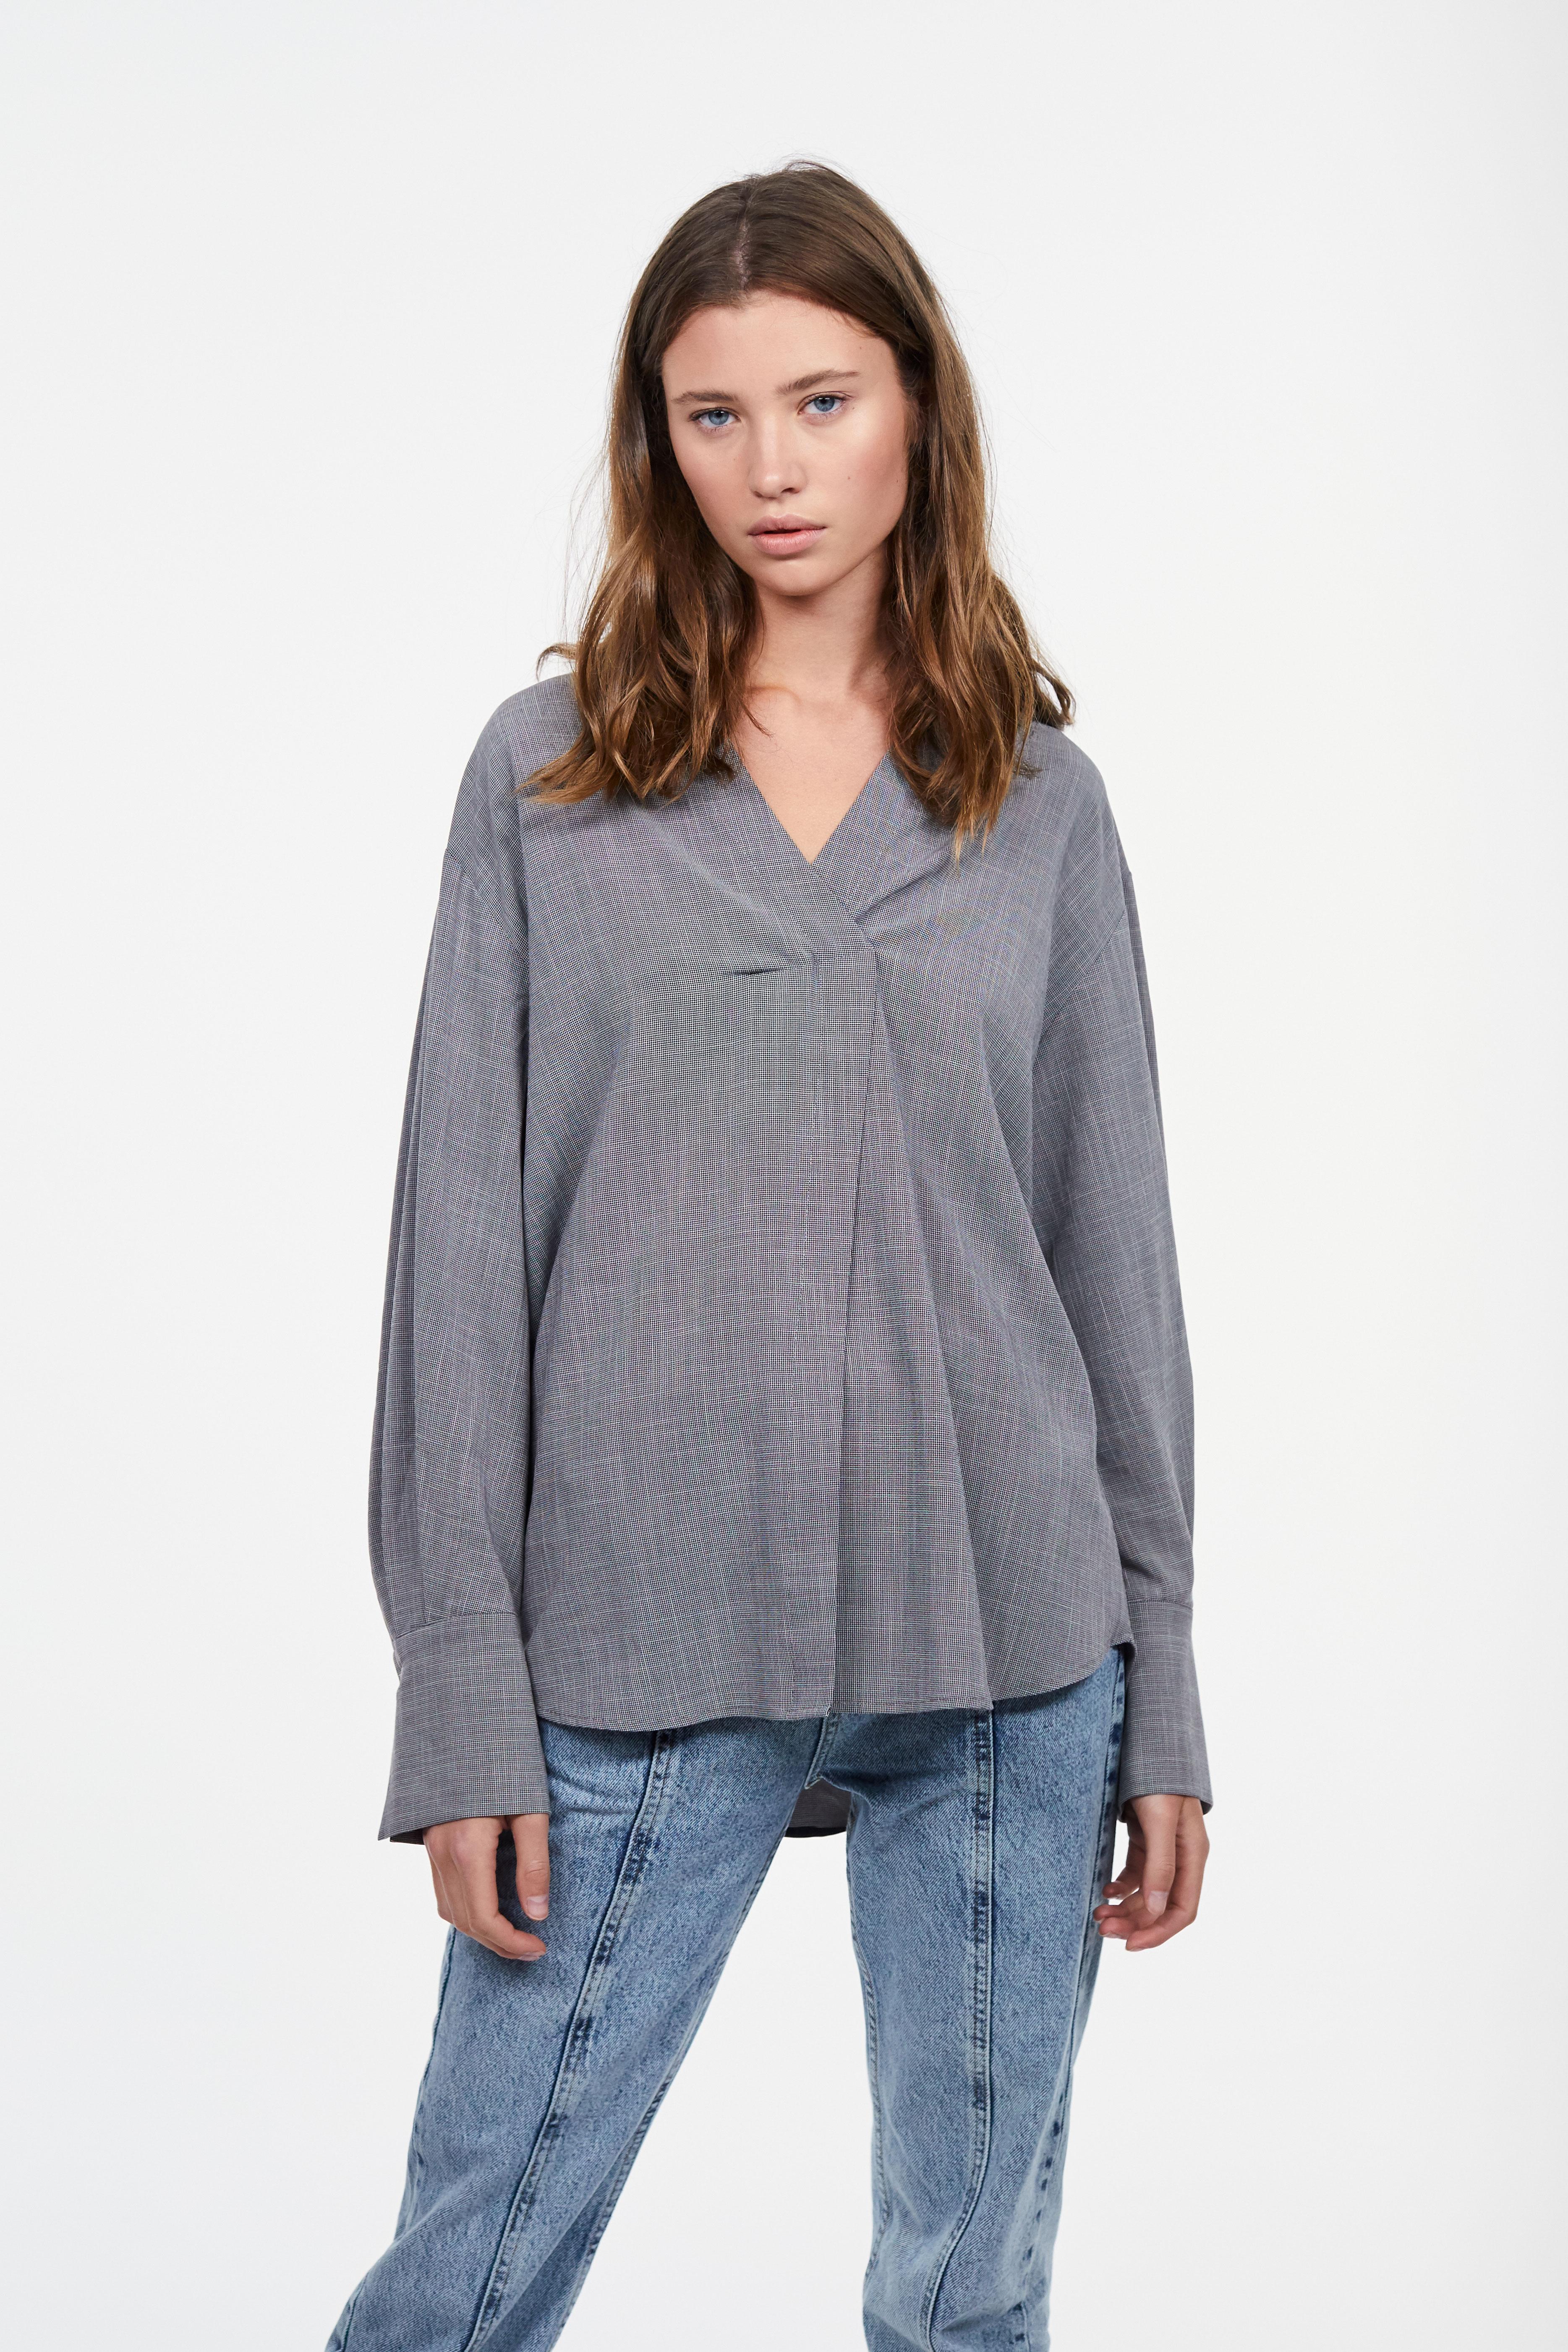 купить Блузка LIME Блузка с V-образным вырезом по цене 2999 рублей